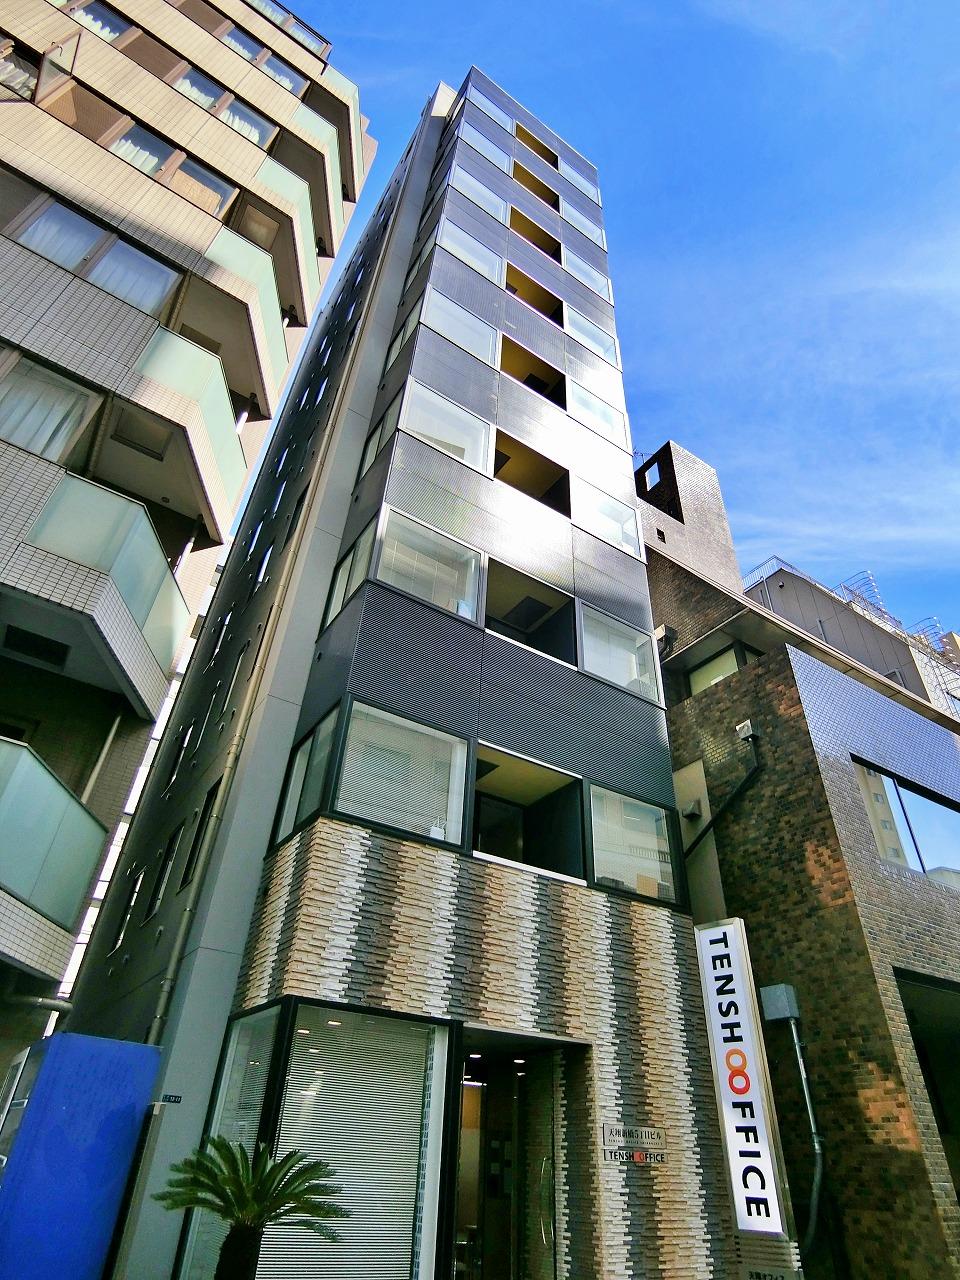 【港区 新橋5丁目】新橋駅から徒歩4分、新築オフィスビル!